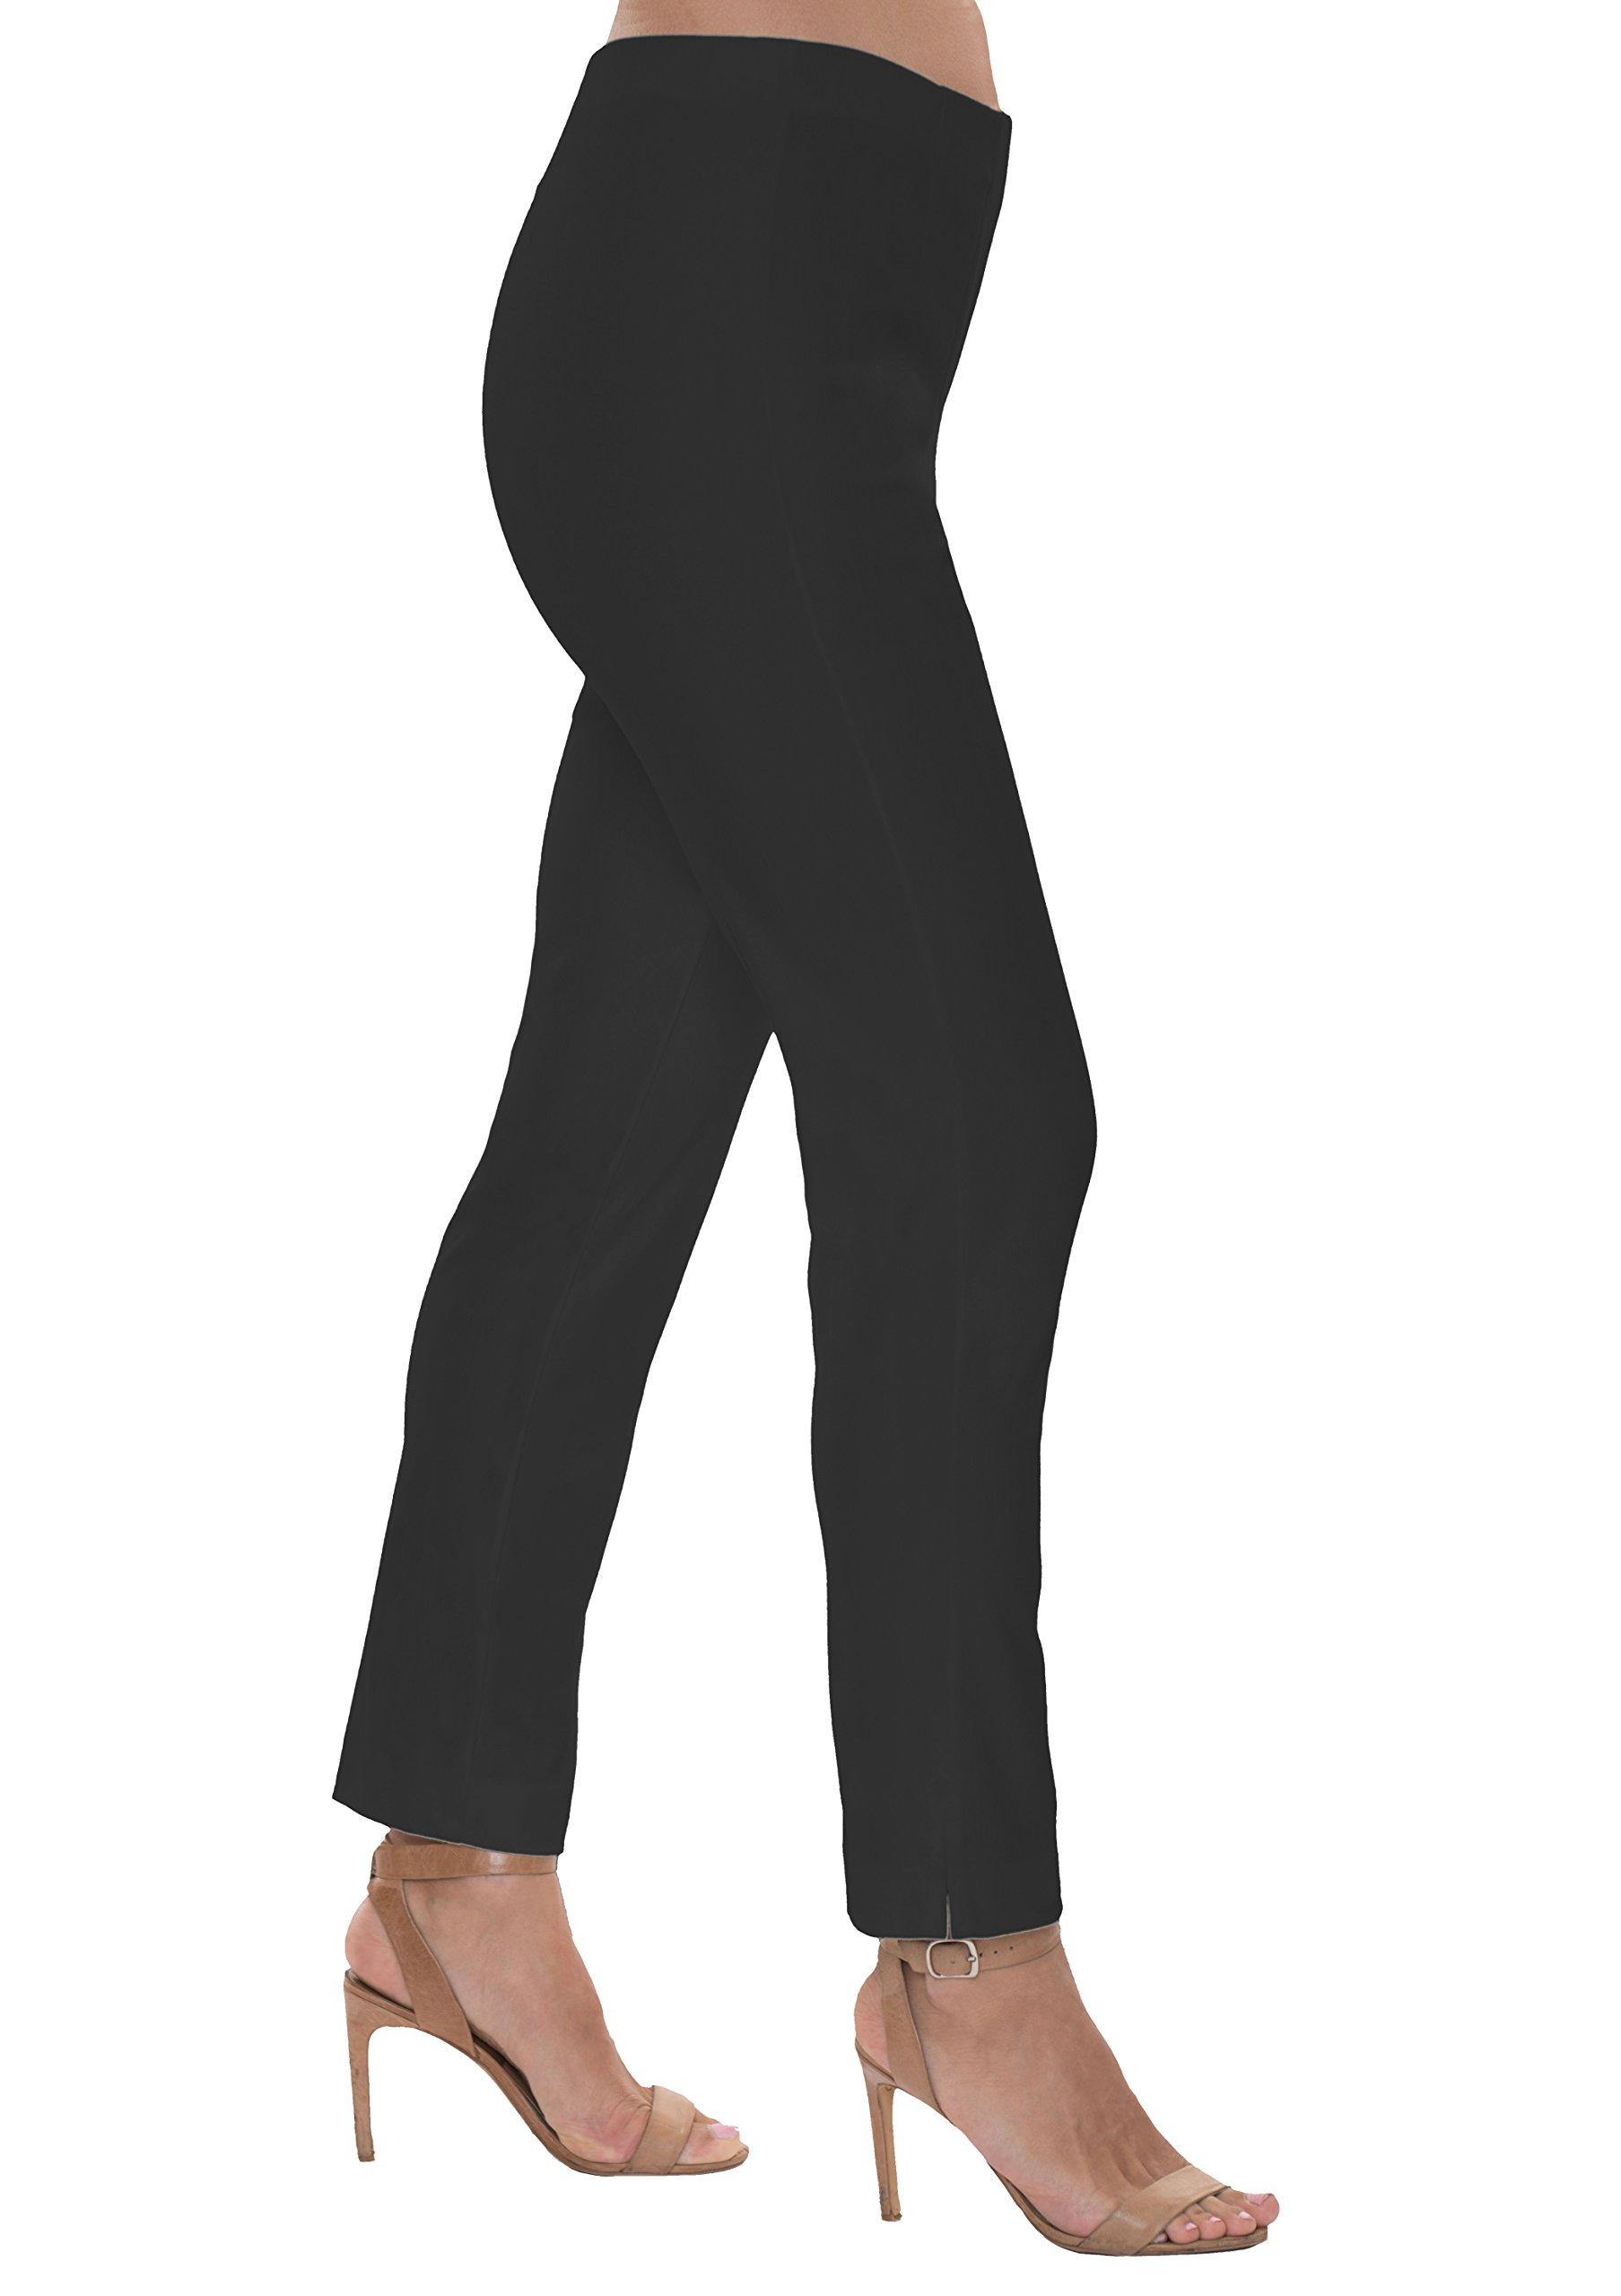 Lior Paris Sasha Sleek and Slim Pull-On Pant (Black-4)